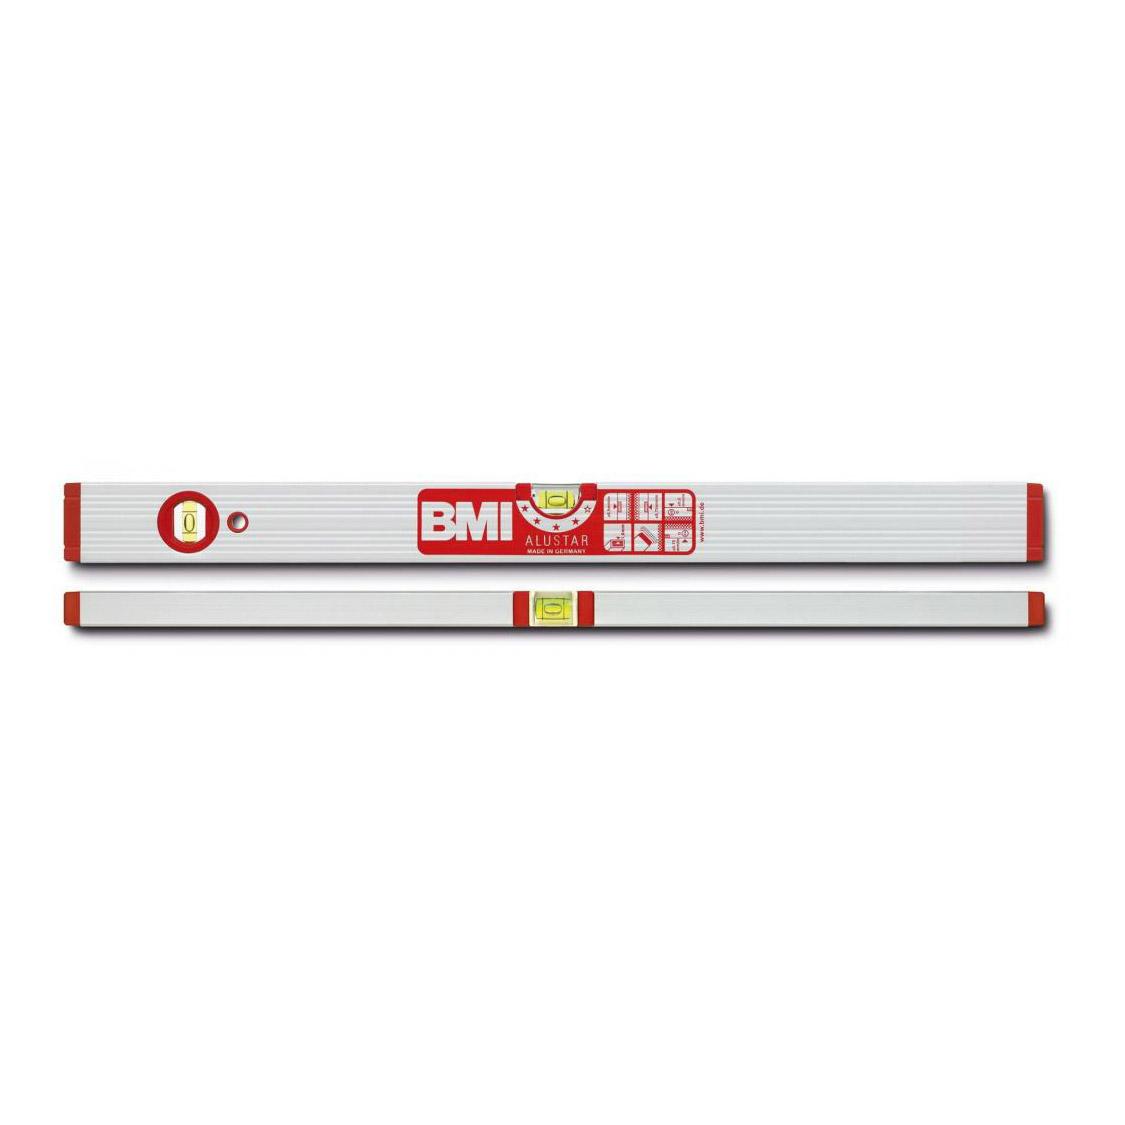 Уровень магнитный противоударный ALUSTAR 800 мм BMI 691080M уровень строительный bmi противоударный 2 глазка alustar 600 мм 691060